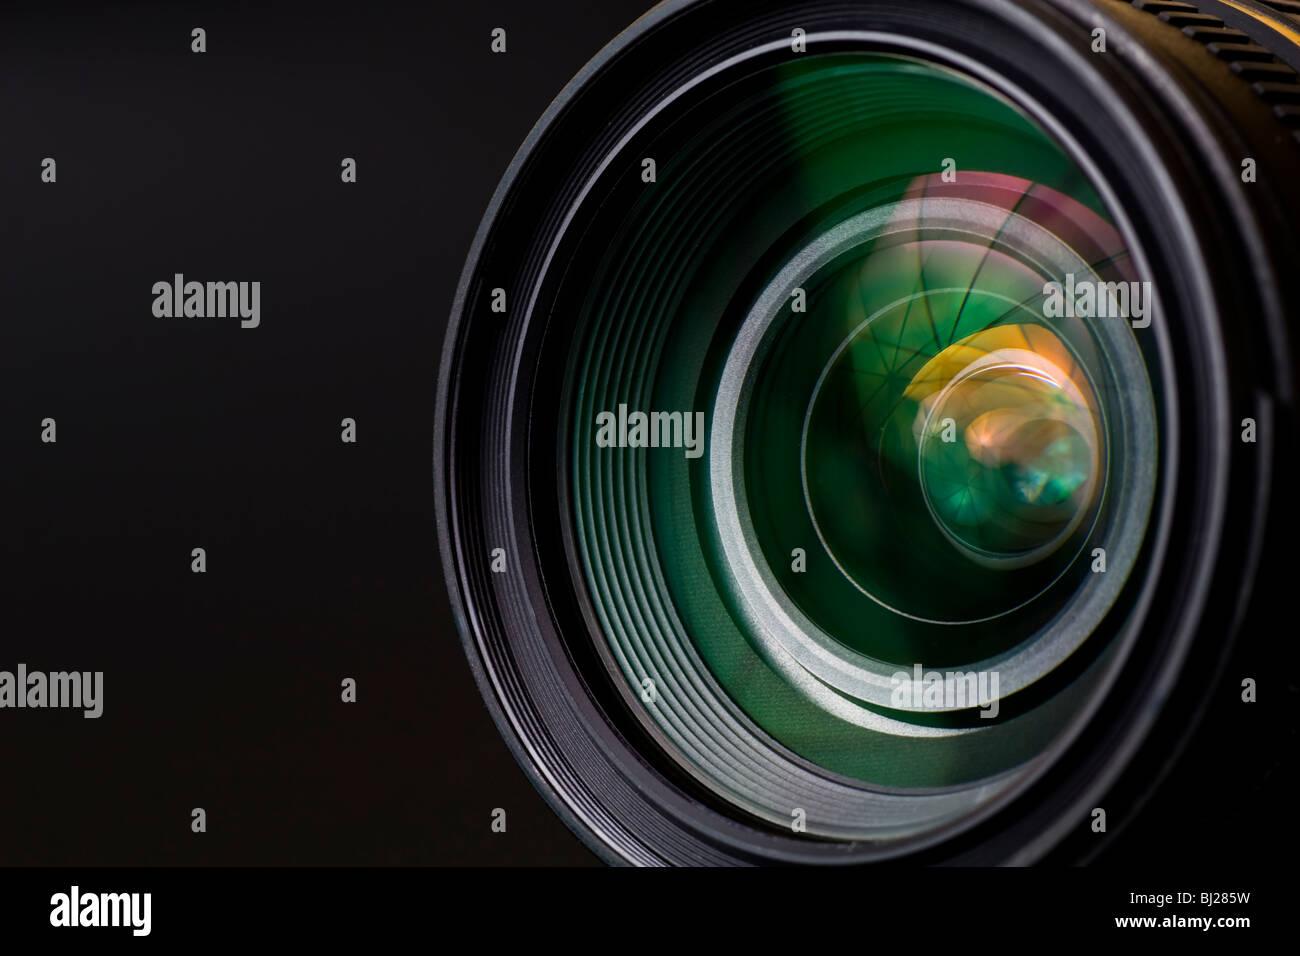 Ziel mit Objektiv Reflexionen. Im Studio gedreht. Stockbild